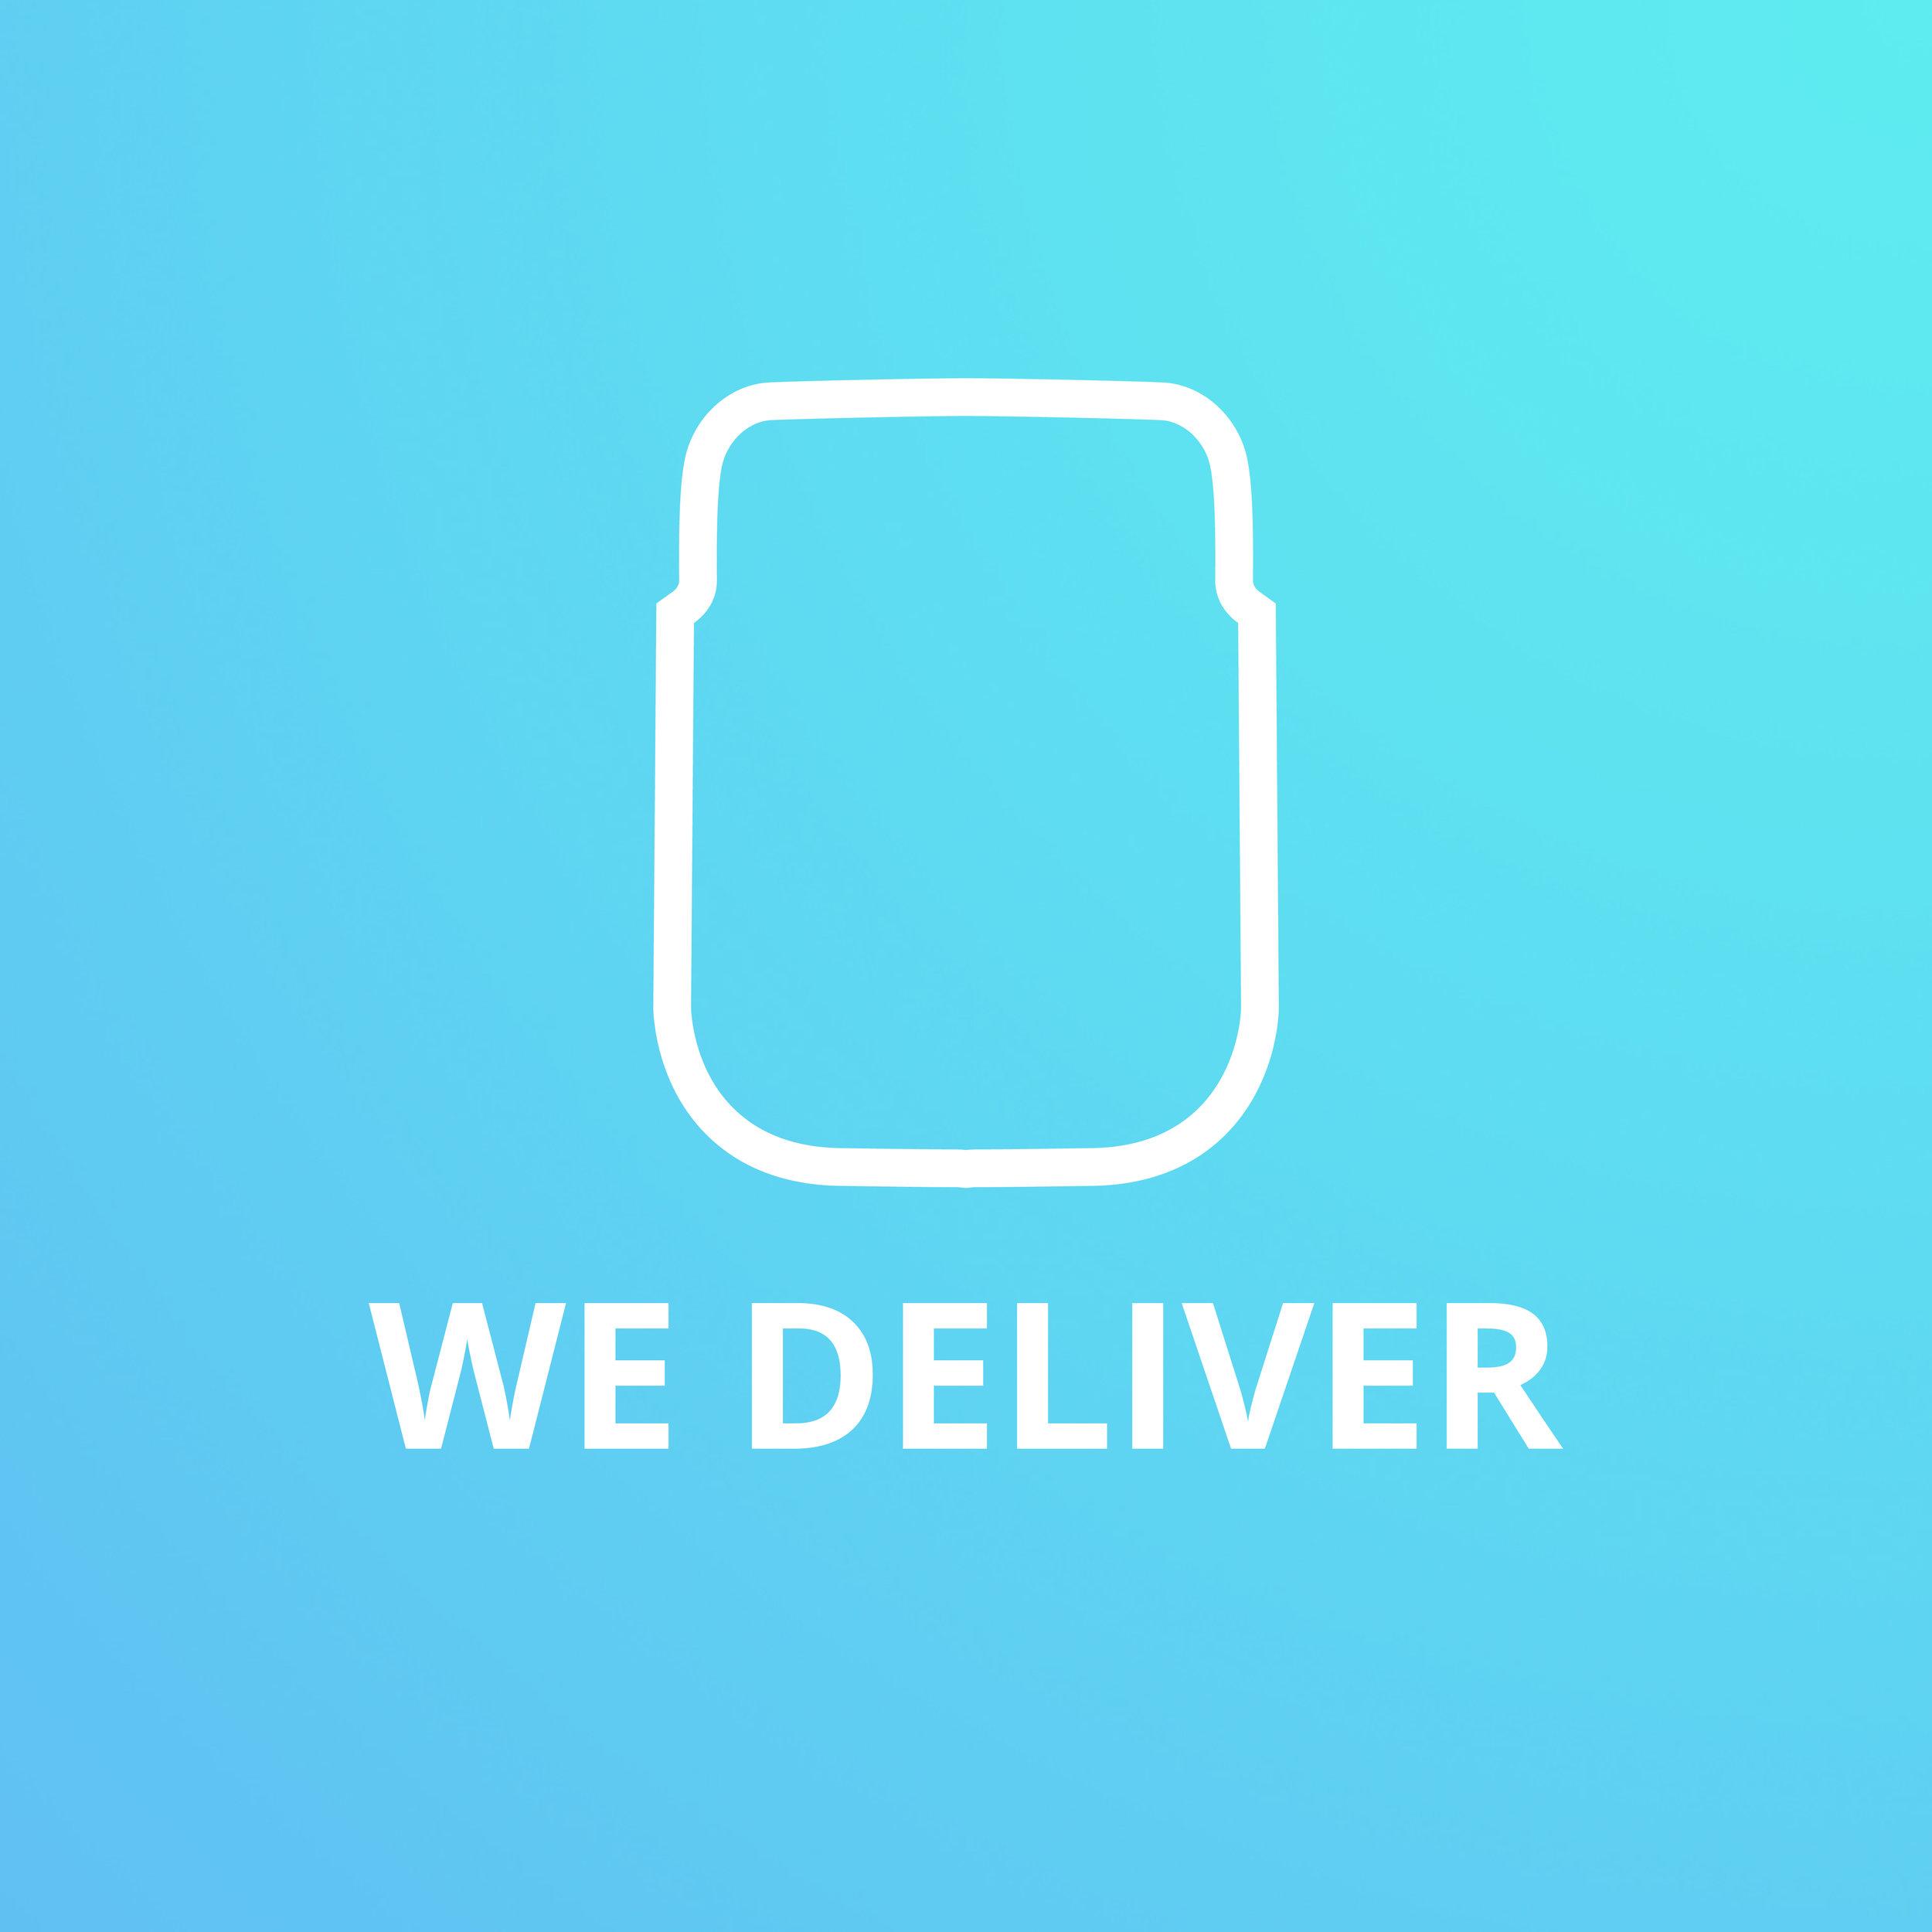 We Deliver-01.jpg